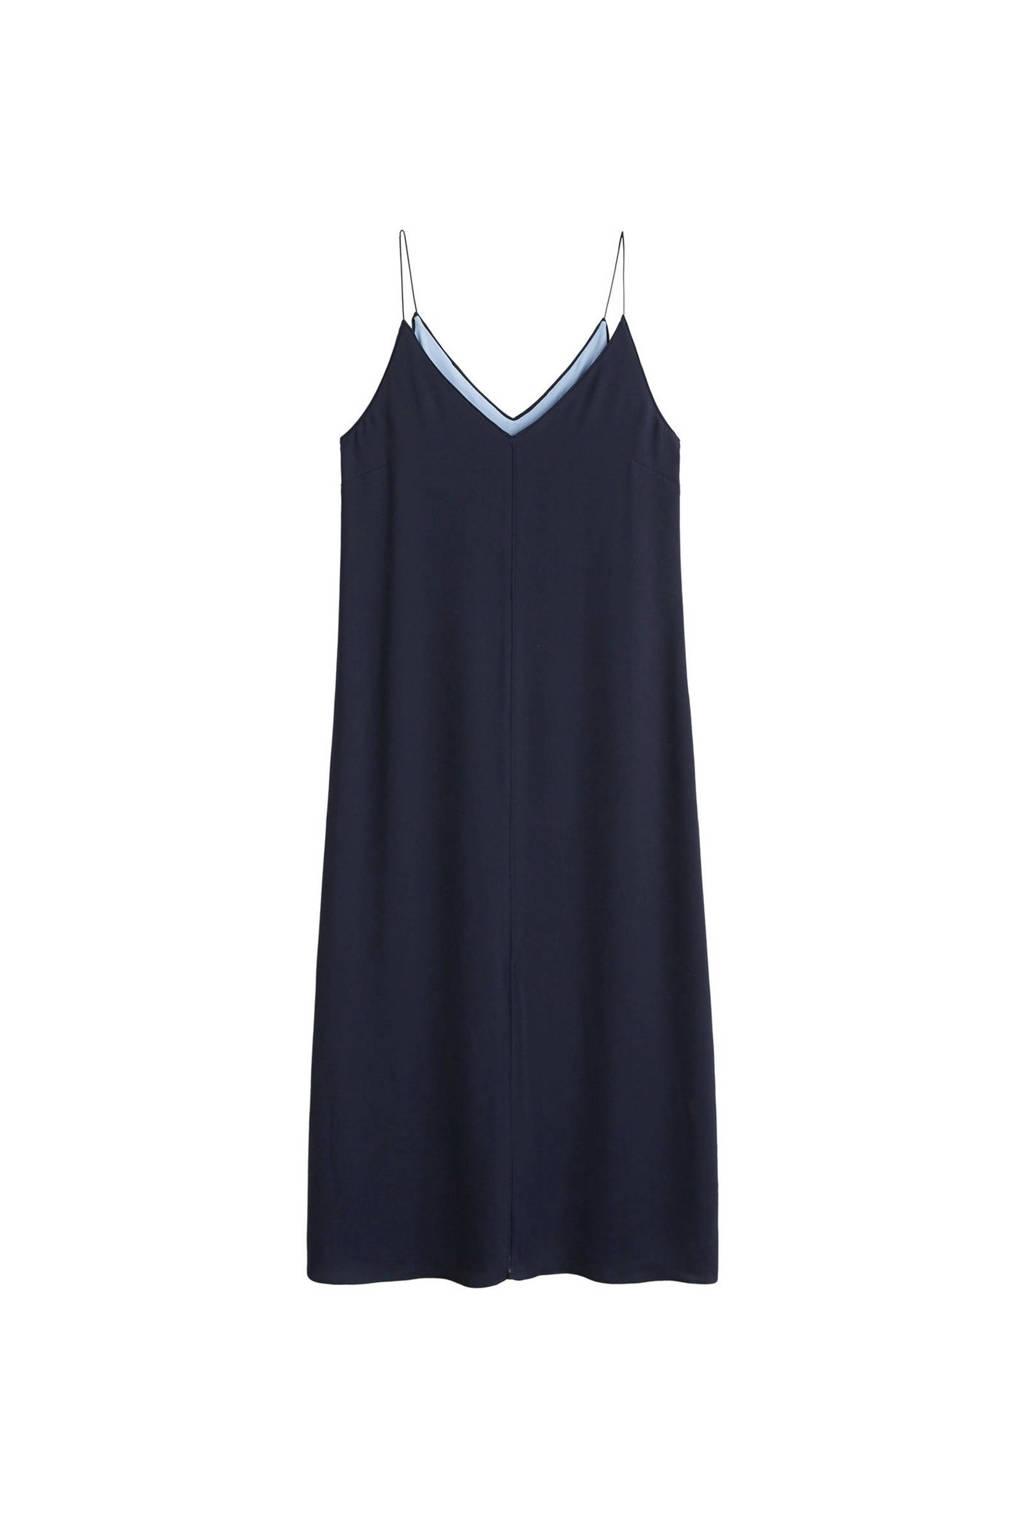 Mango jurk met contrasterende voering, Marineblauw